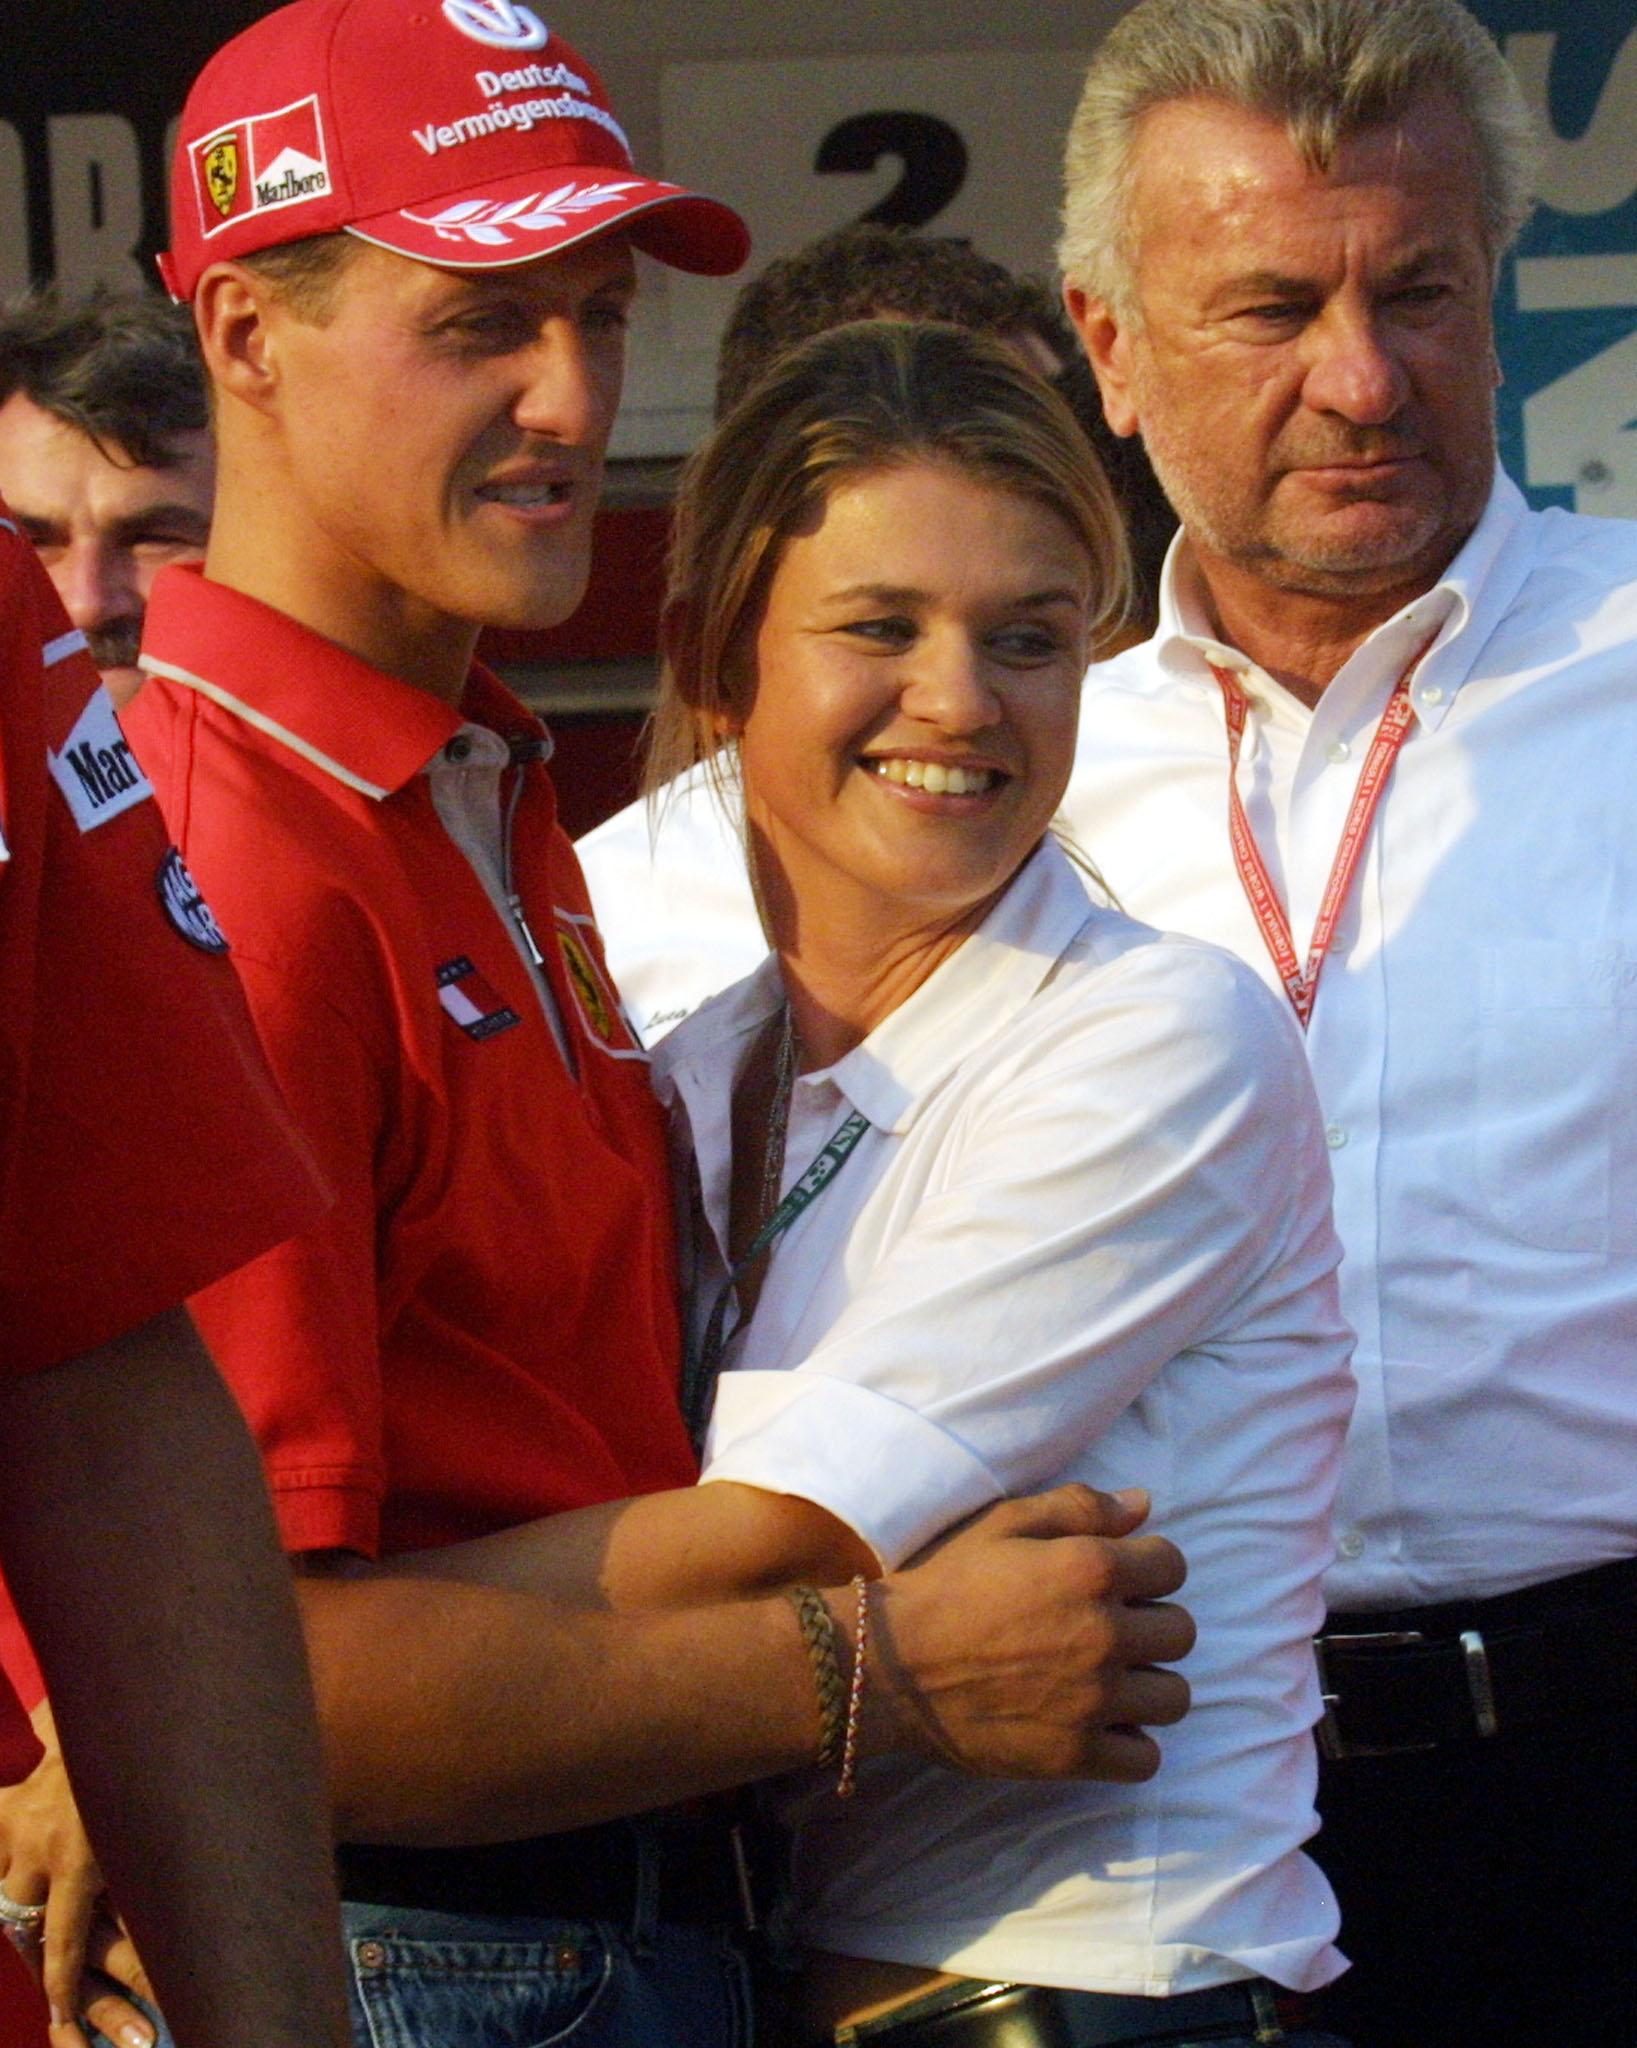 Corinna Betsch, moglie di Schumacher